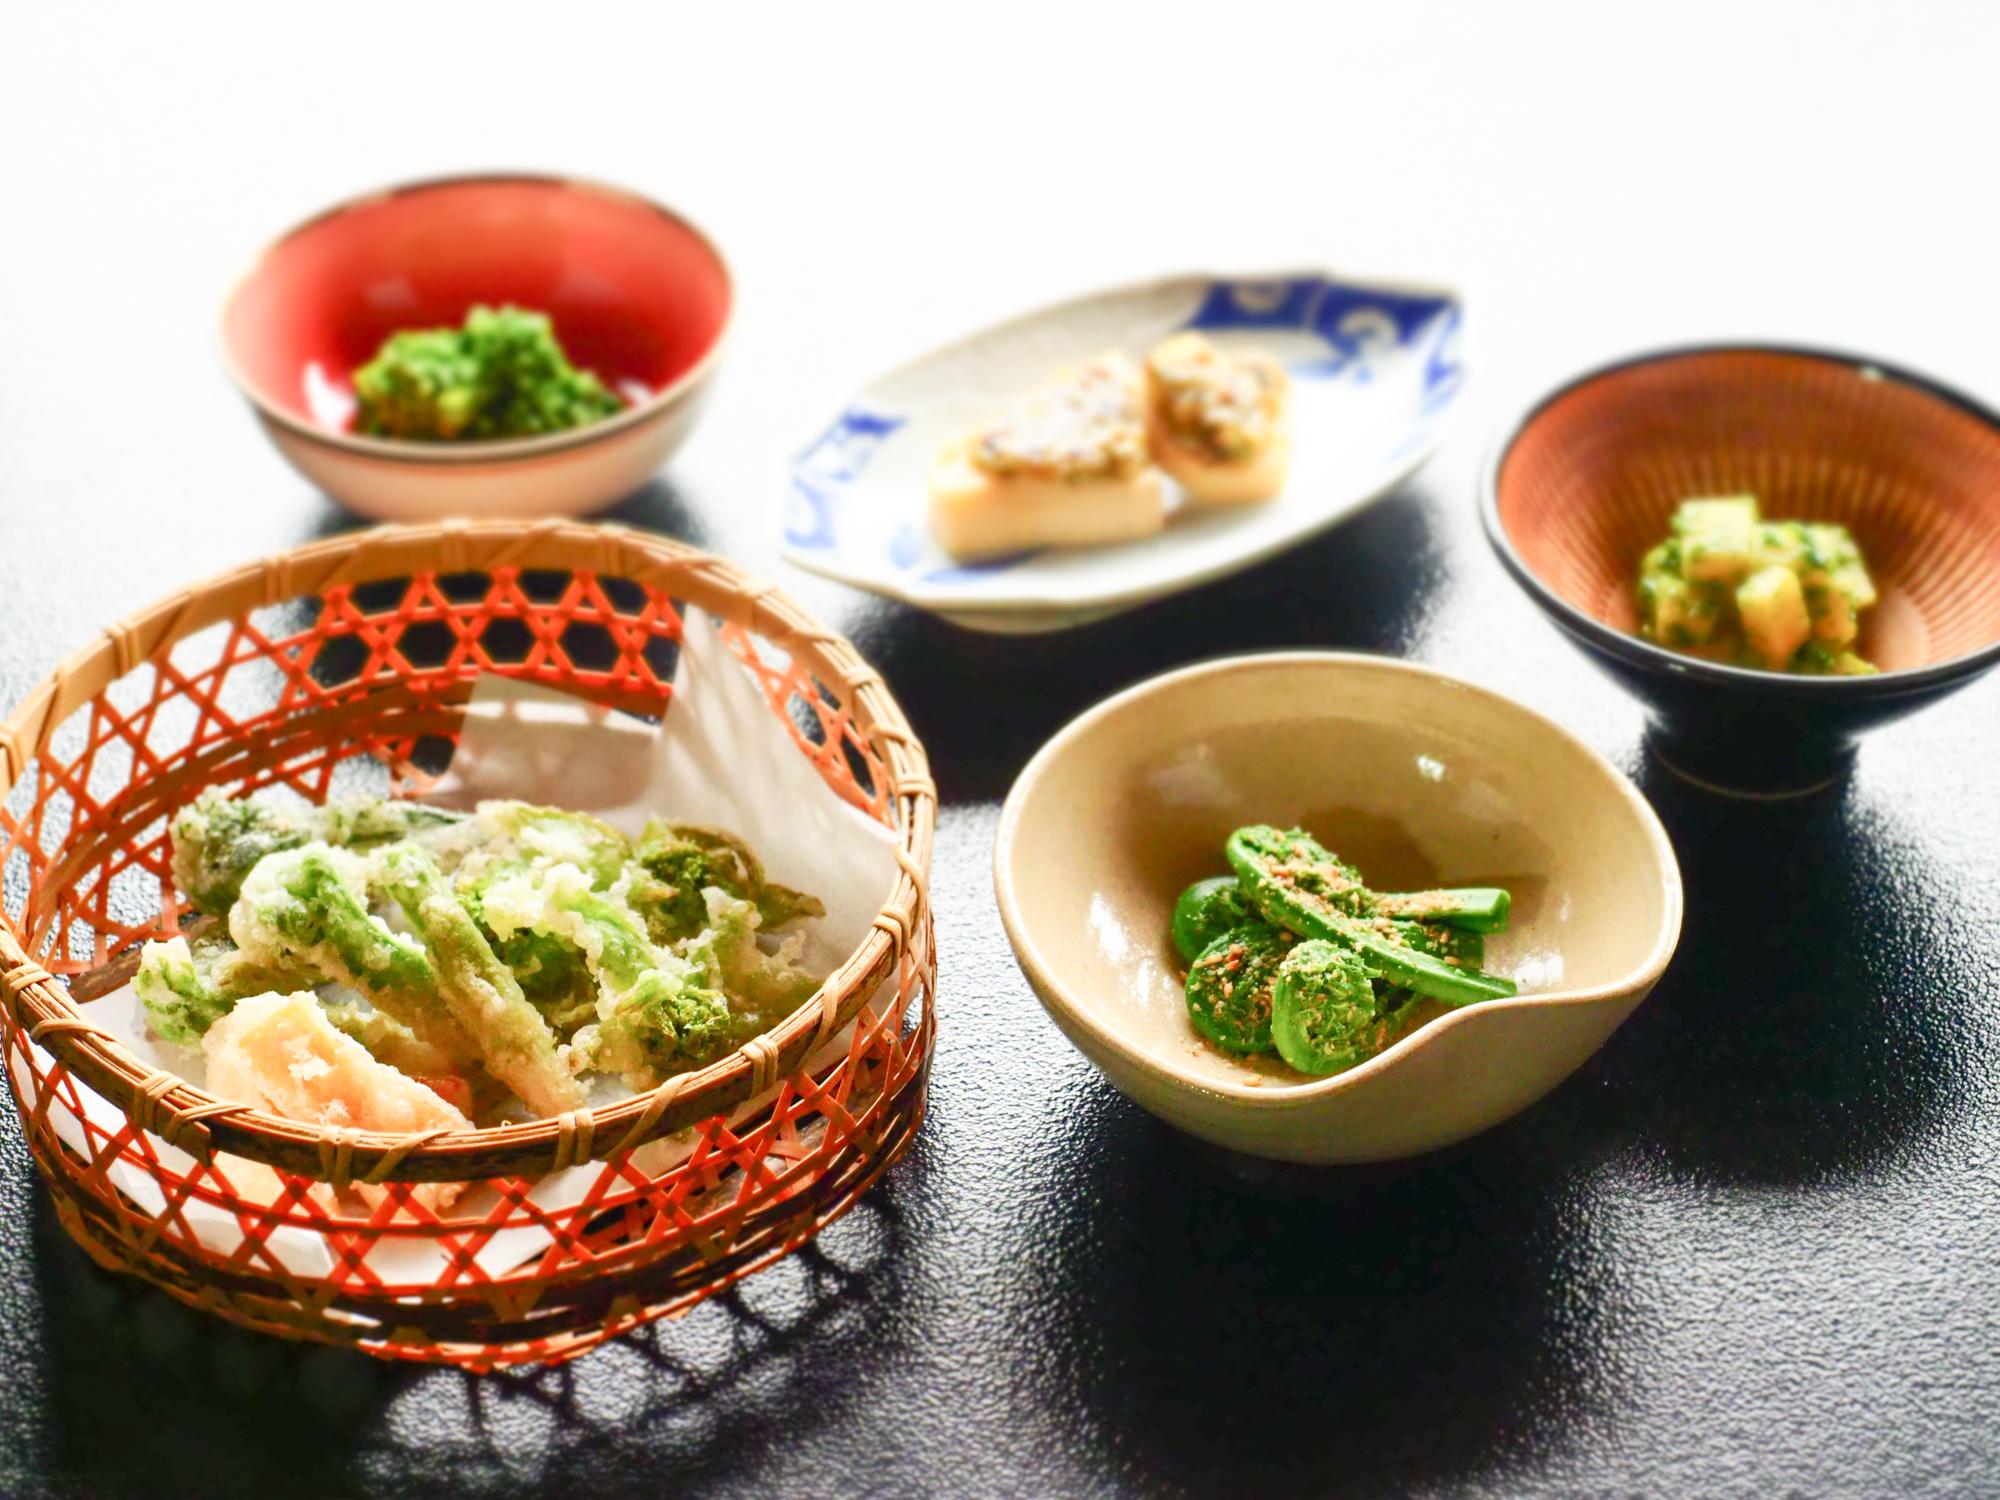 サクサクの山菜天ぷらと小鉢